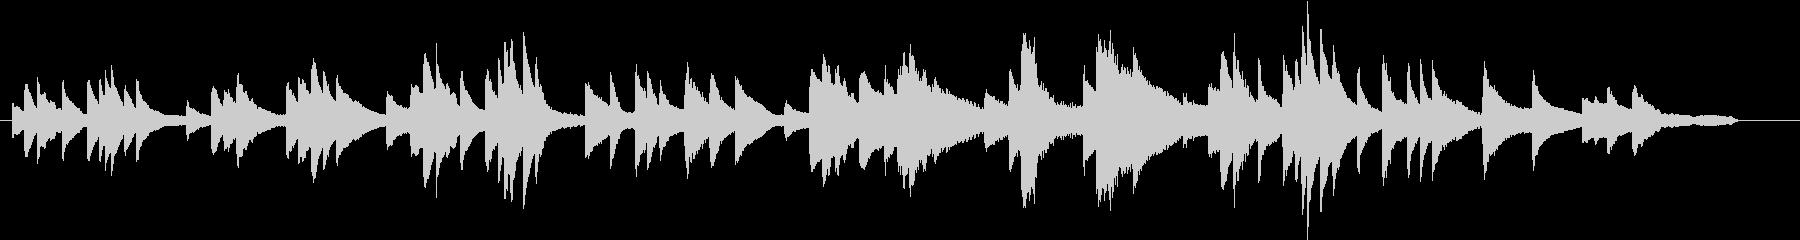 原風景のイメージのピアノ01の未再生の波形